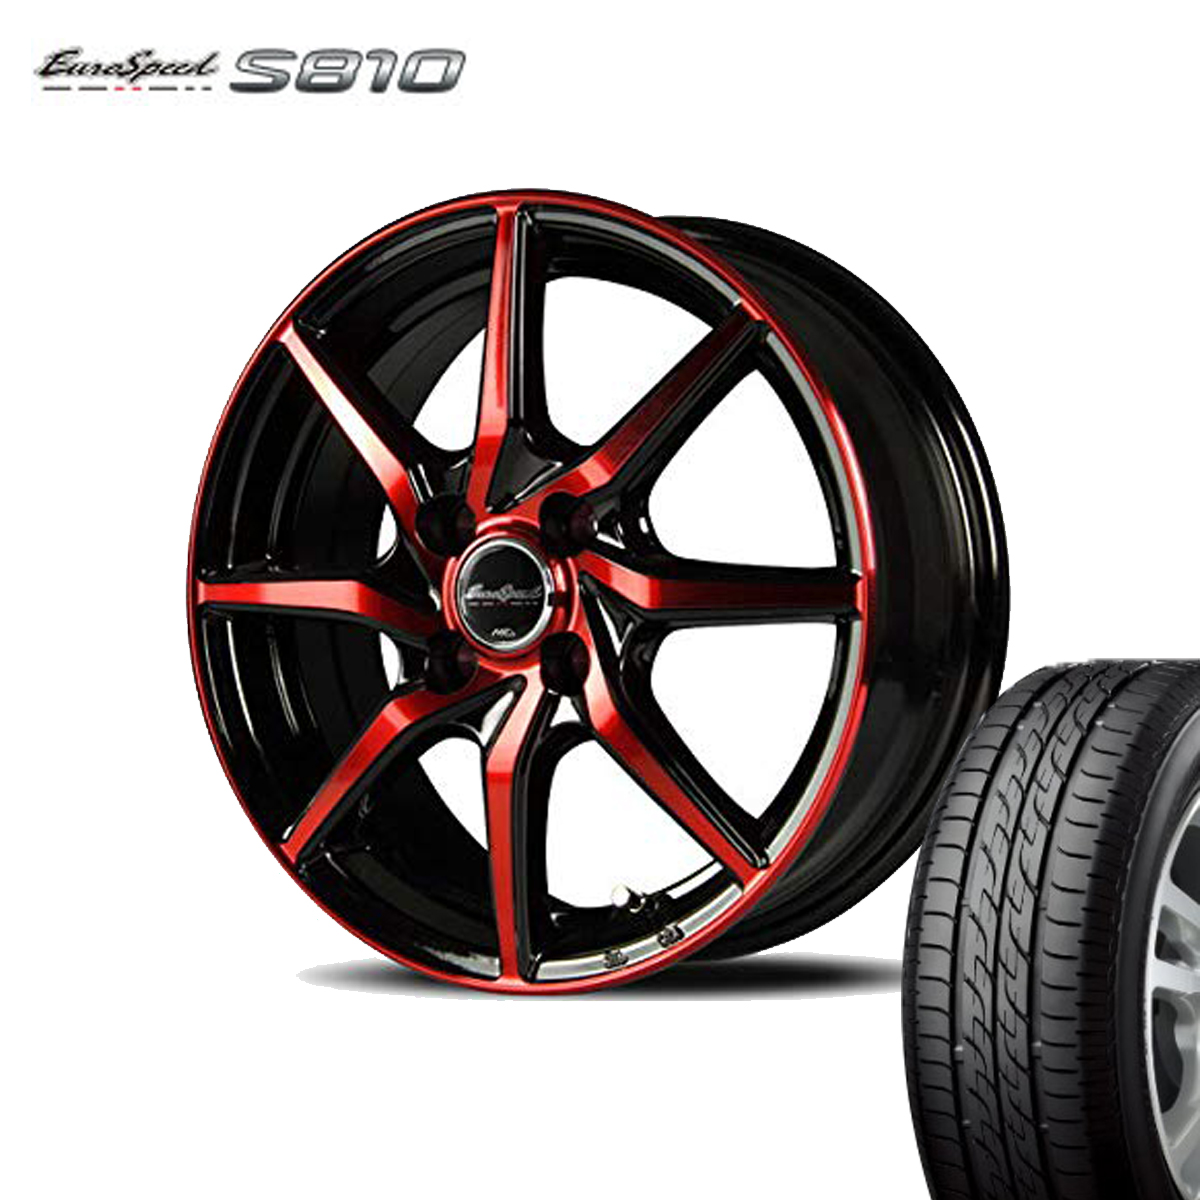 Euro Speed タイヤ ホイール セット 1本 17インチ 5H114.3 7.0J+48 ユーロスピード S810 マナレイ スポーツ 特選輸入タイヤ 225/65R17 225 65 17